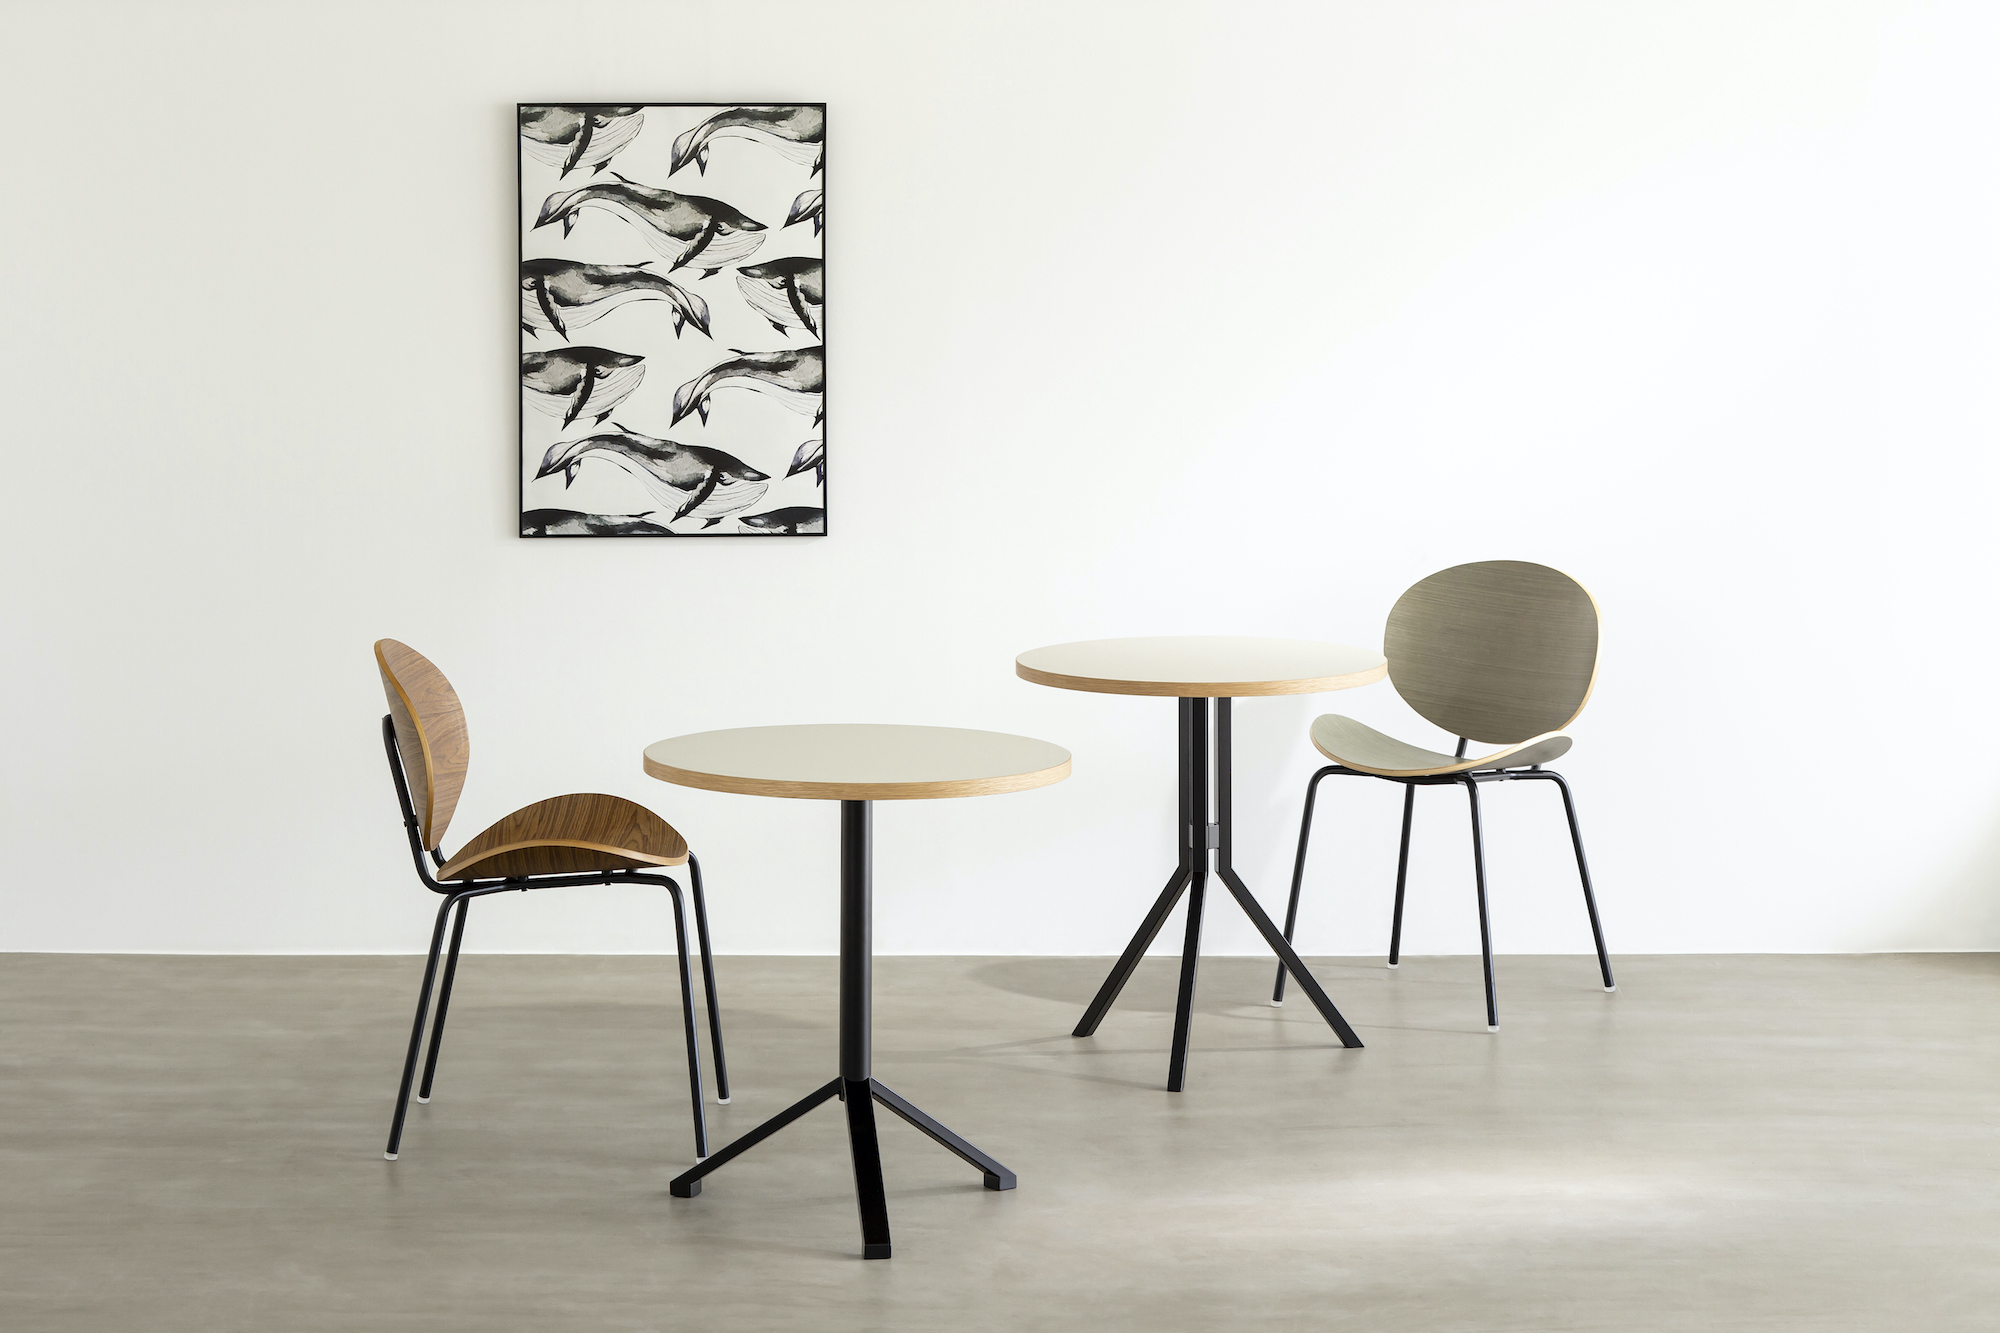 【Kanademono新商品】一人暮らしのお部屋やカフェ風の空間づくりにもぴったり。大人気のTHE CAFE TABLEシリーズから、見た目も足元もスマートな三脚型のカフェテーブル2種が新登場。